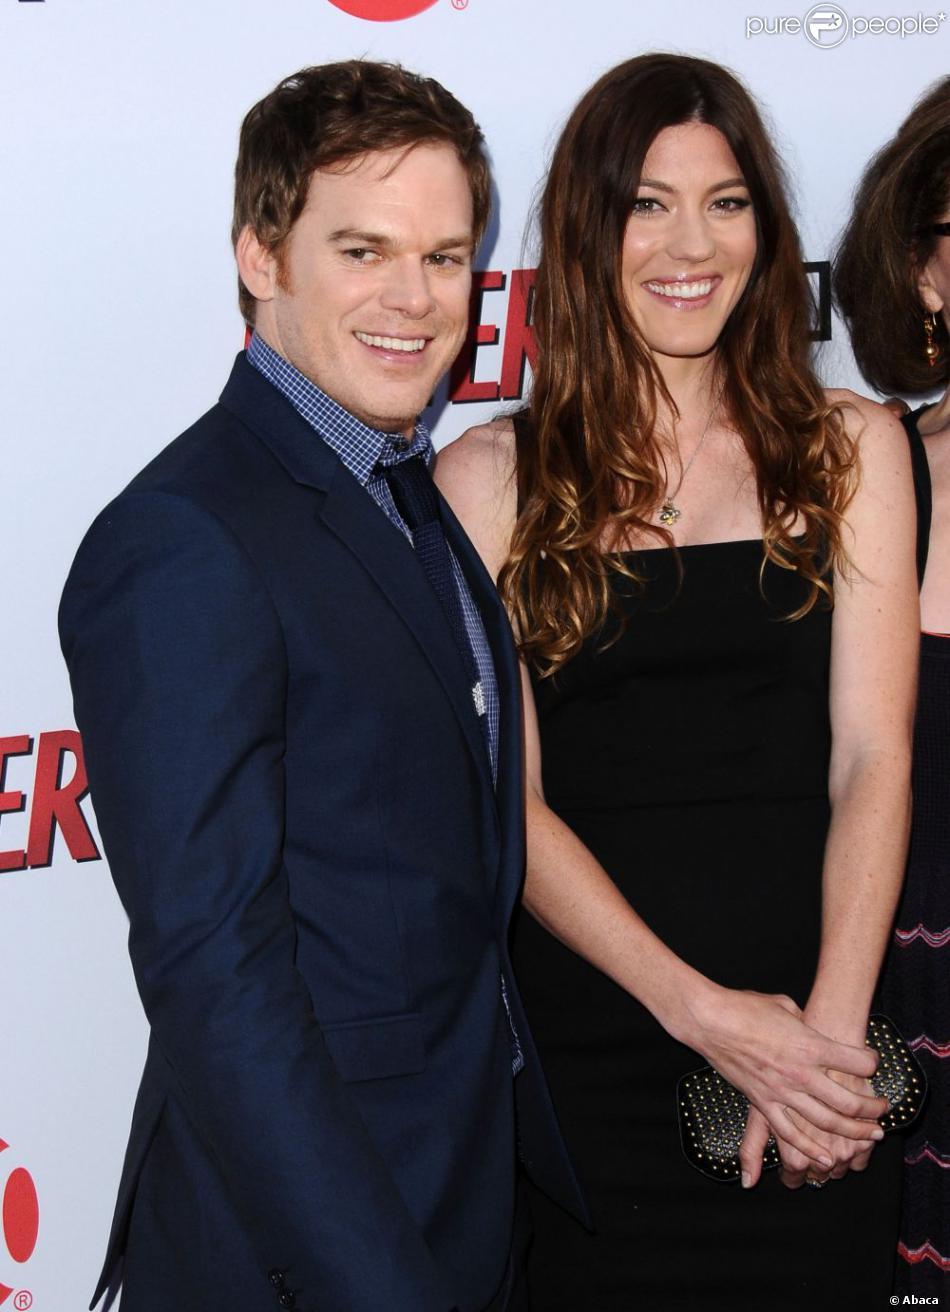 Michael C. Hall et Jennifer Carpenter lors de la soirée de lancement de la dernière saison de la série Dexter, le 15 juin 2013 à Los Angeles.